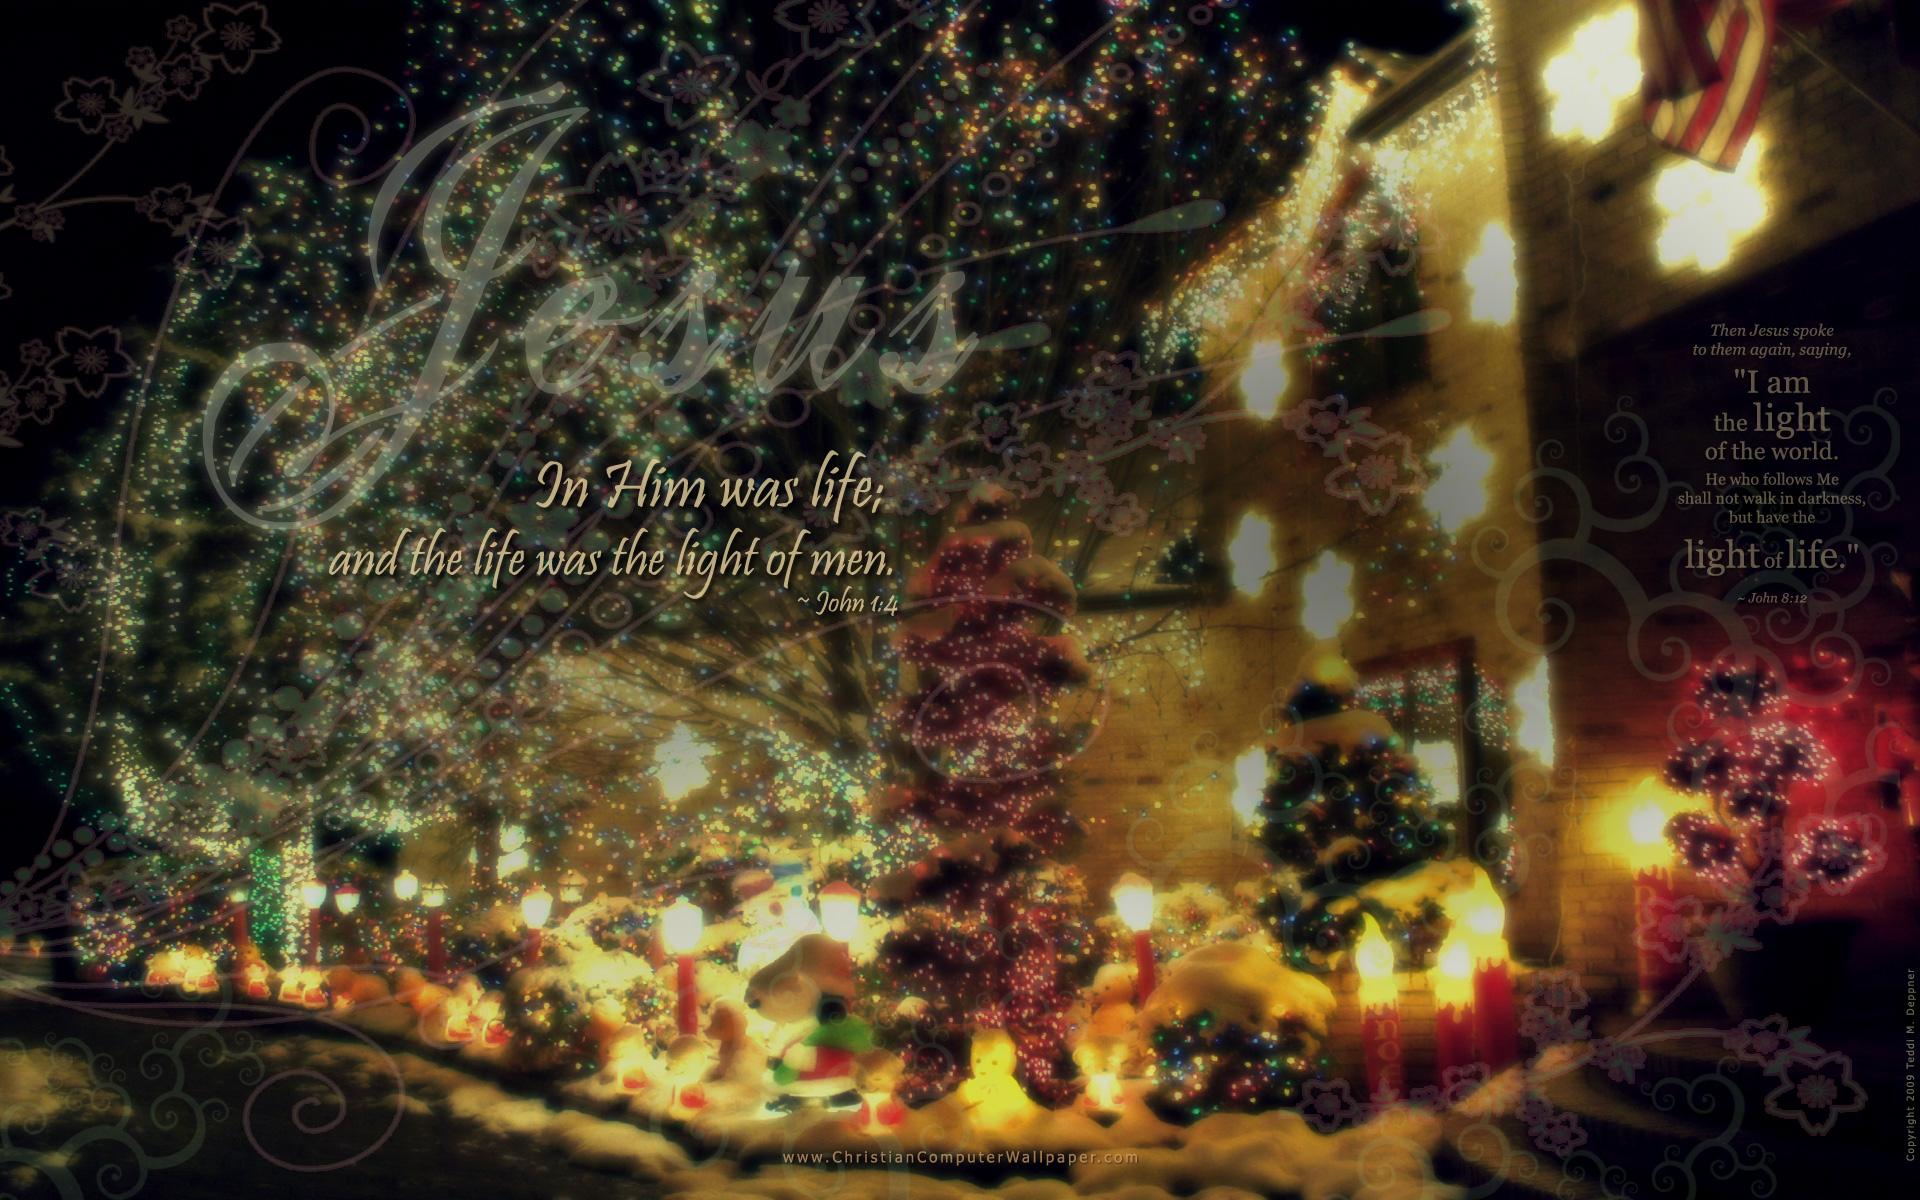 Christian Computer Wallpaper Desktop Wallpapers Christmas 1920x1200